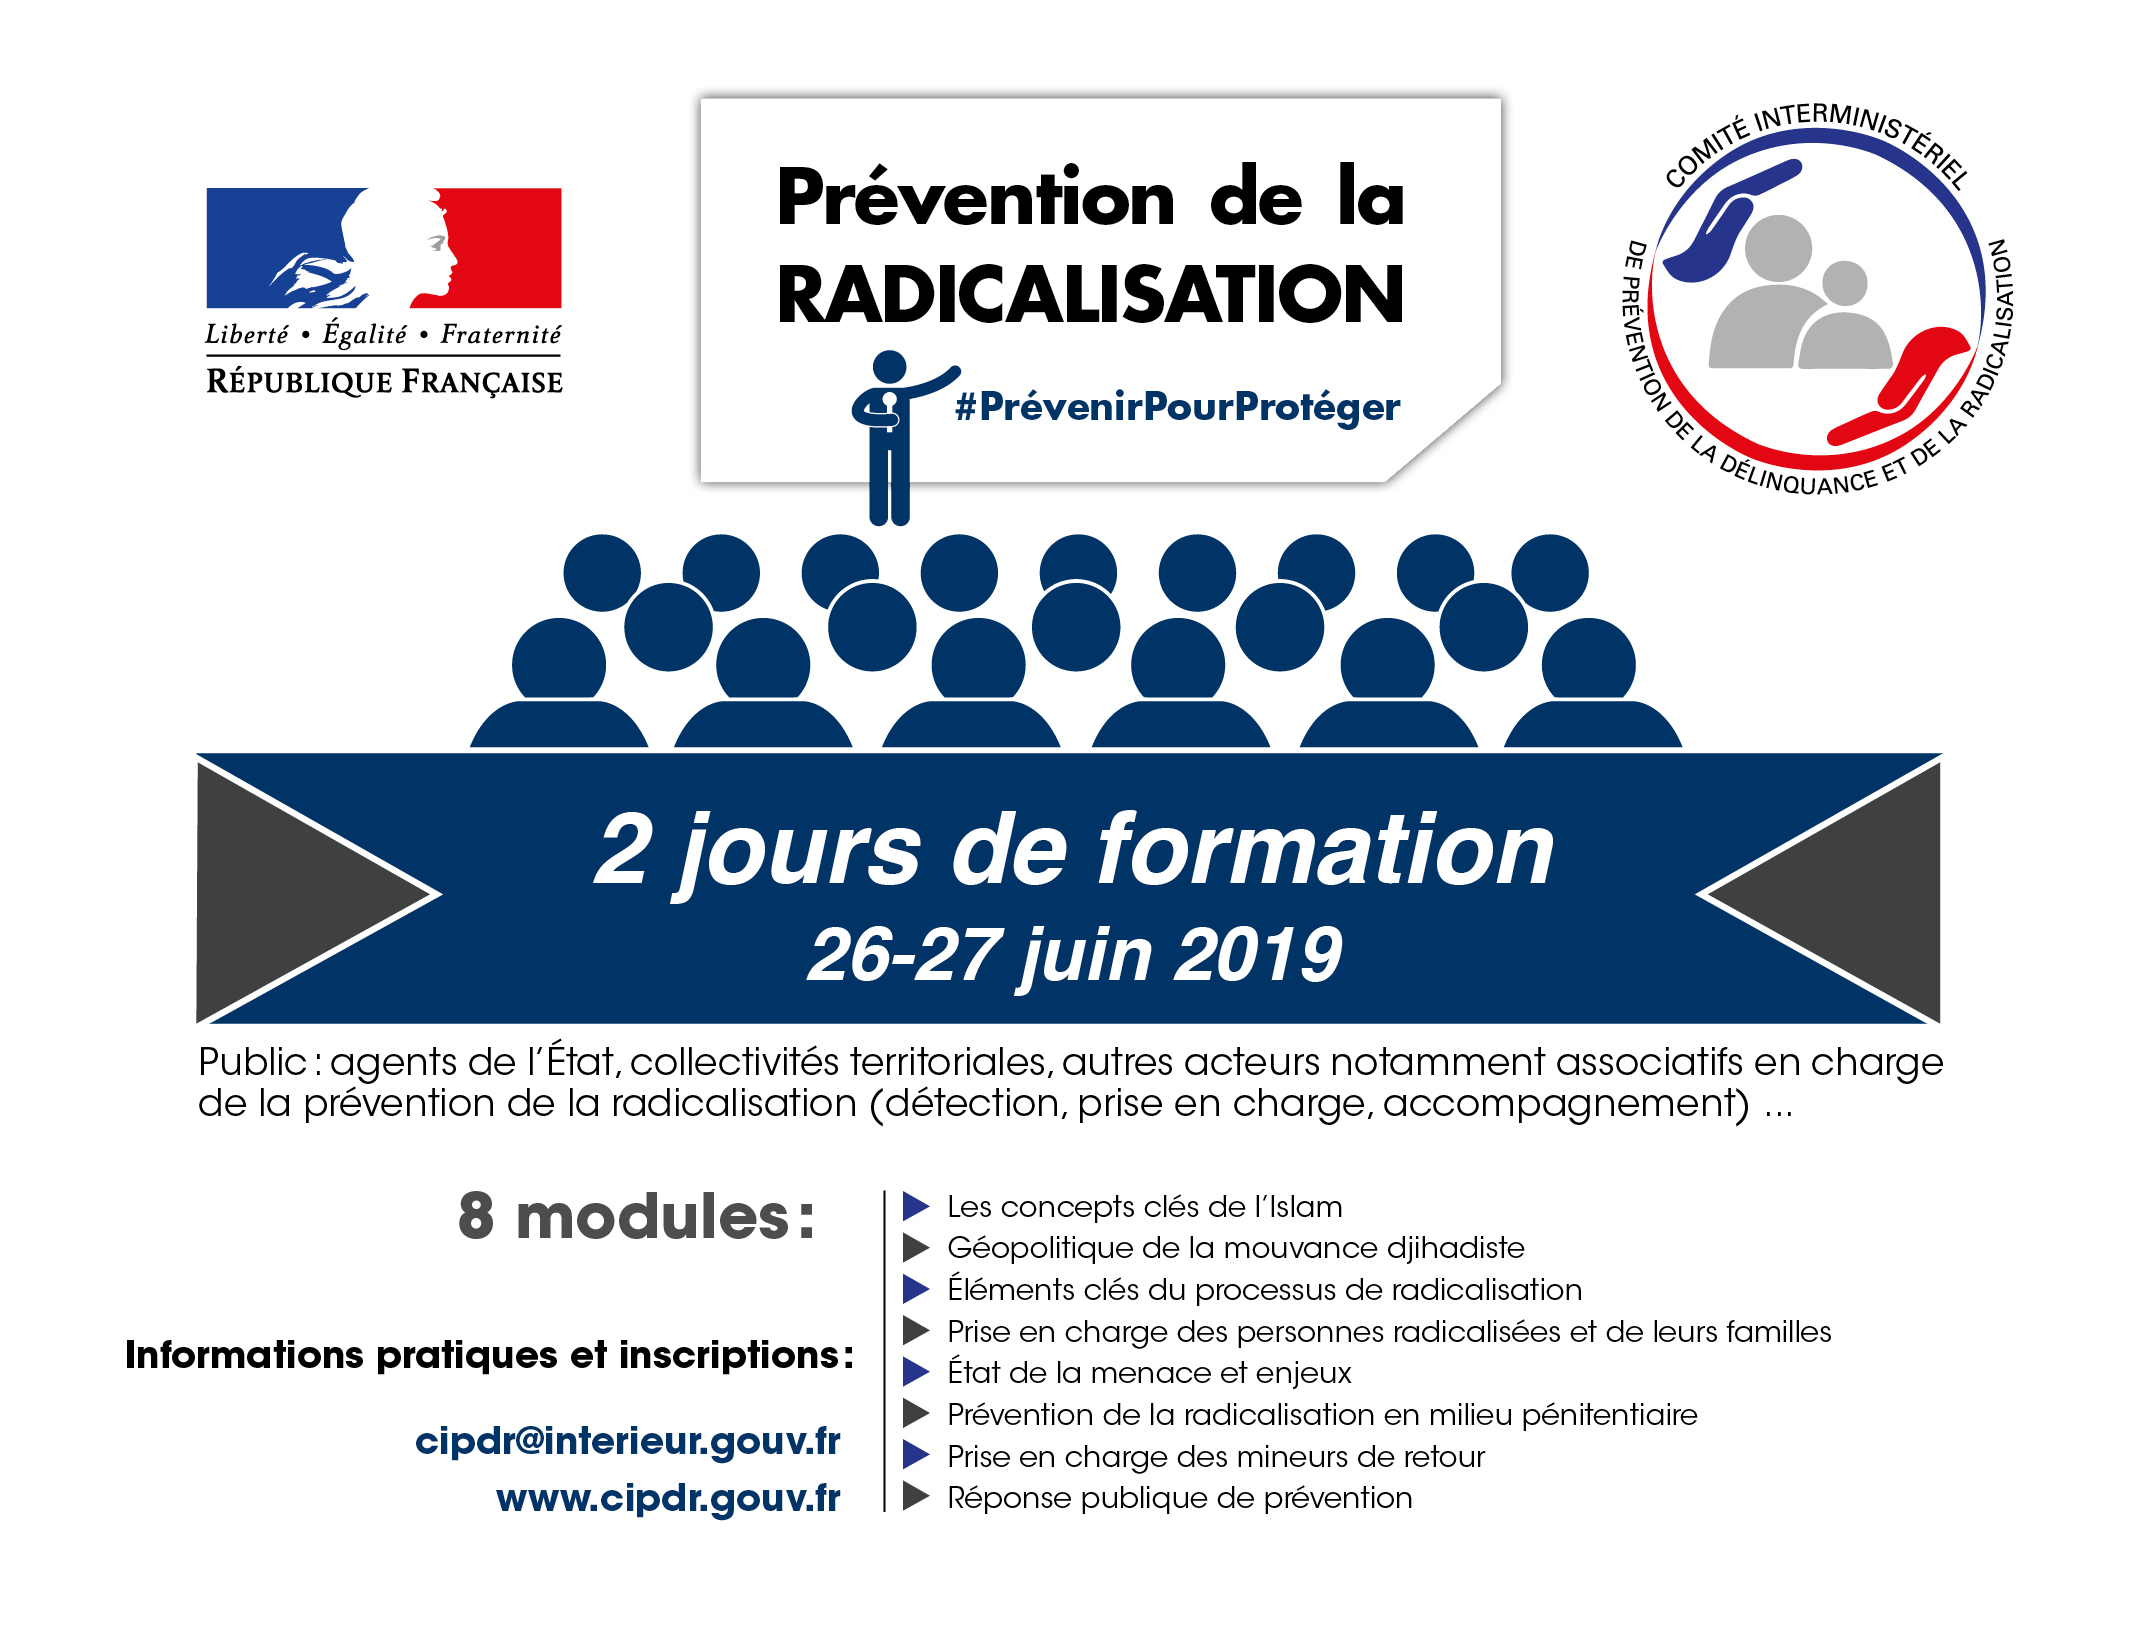 26/27 juin  : dernière session  de formation du SG-CIPDR, avant la rentrée